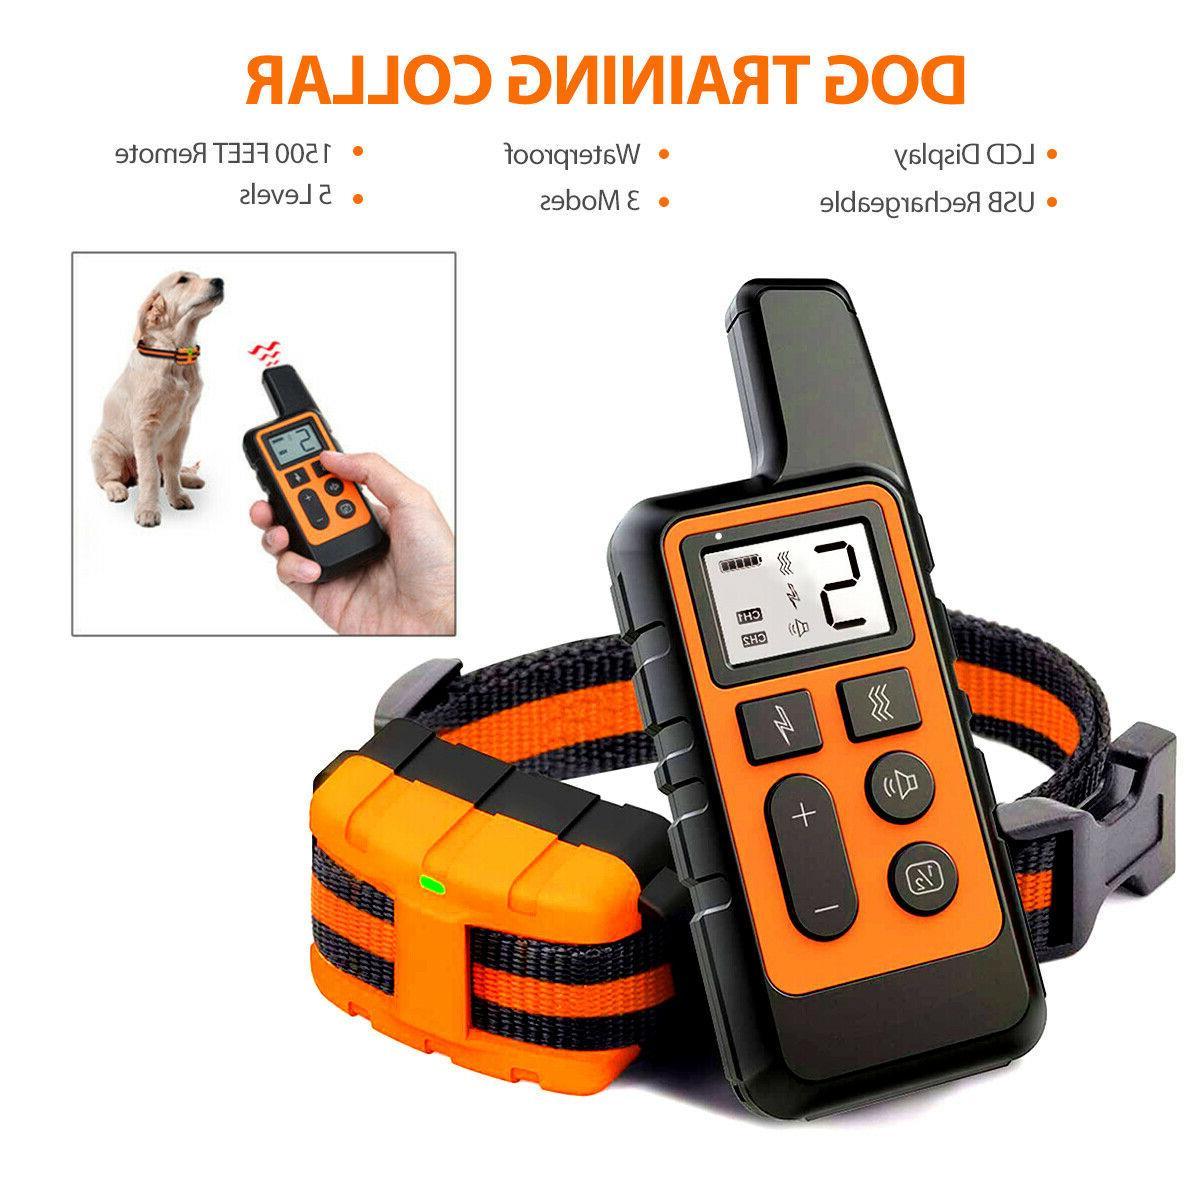 manual tin can opener safe cut lid